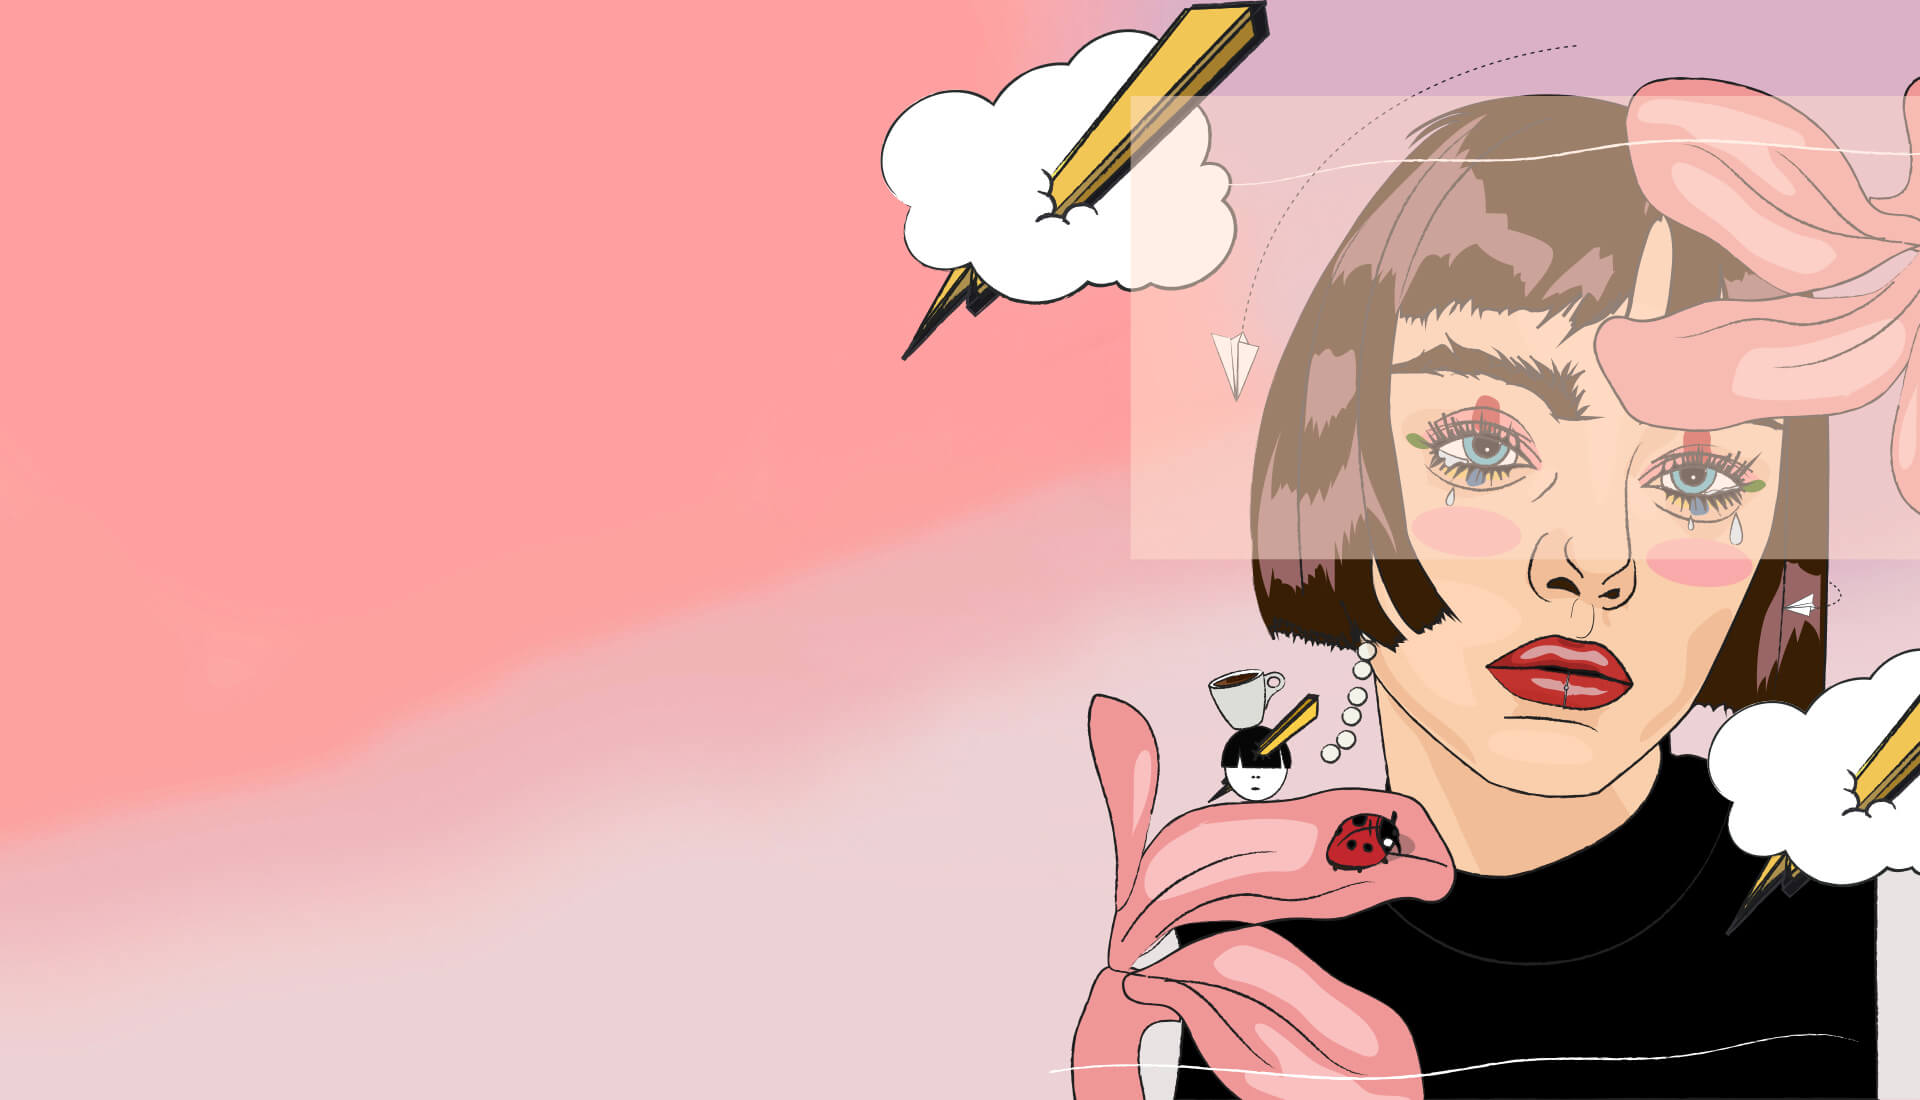 Freelance Illustrator - Graphic Designer - Creative Consultant